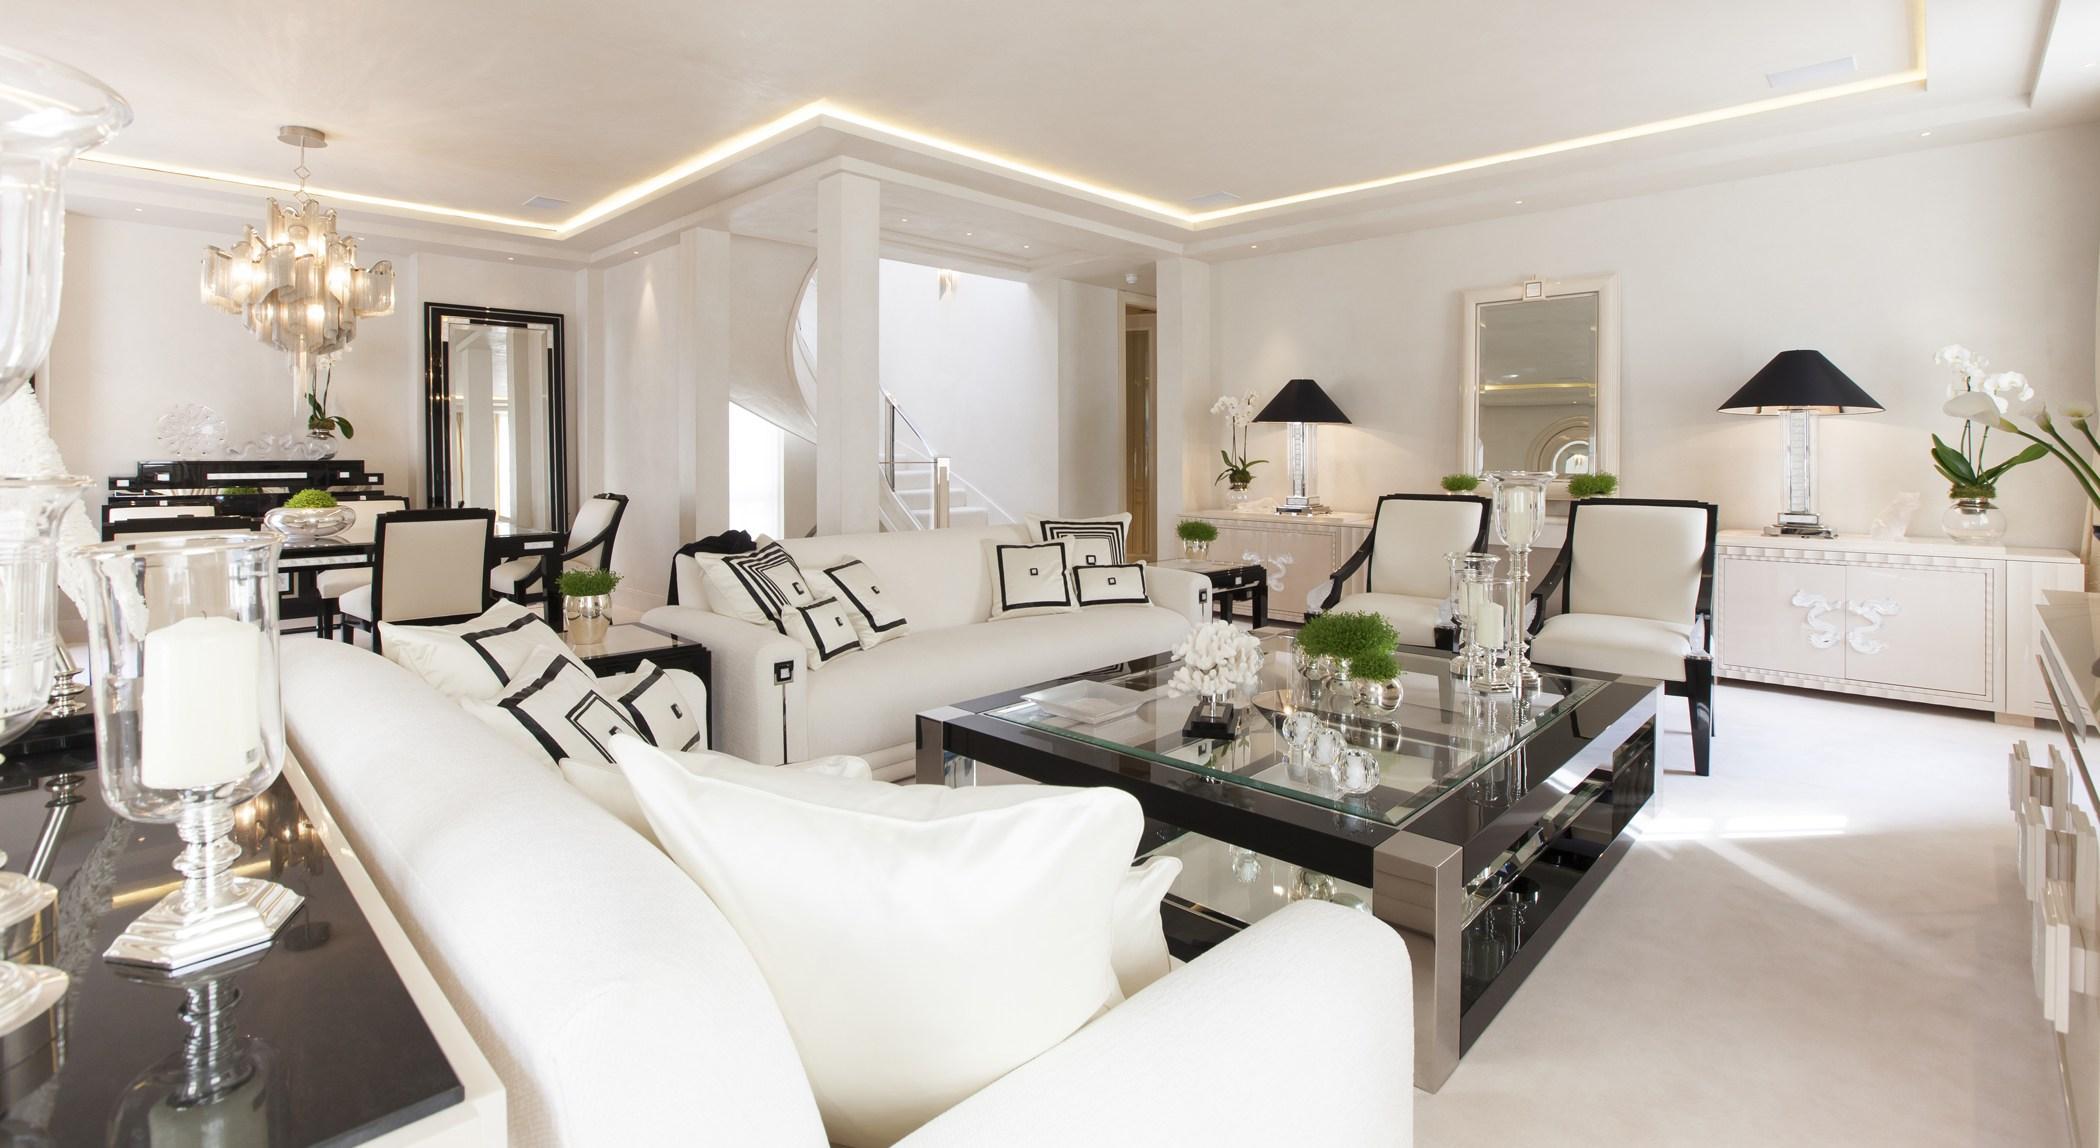 Двухуровневая квартира в неоклассическом стиле